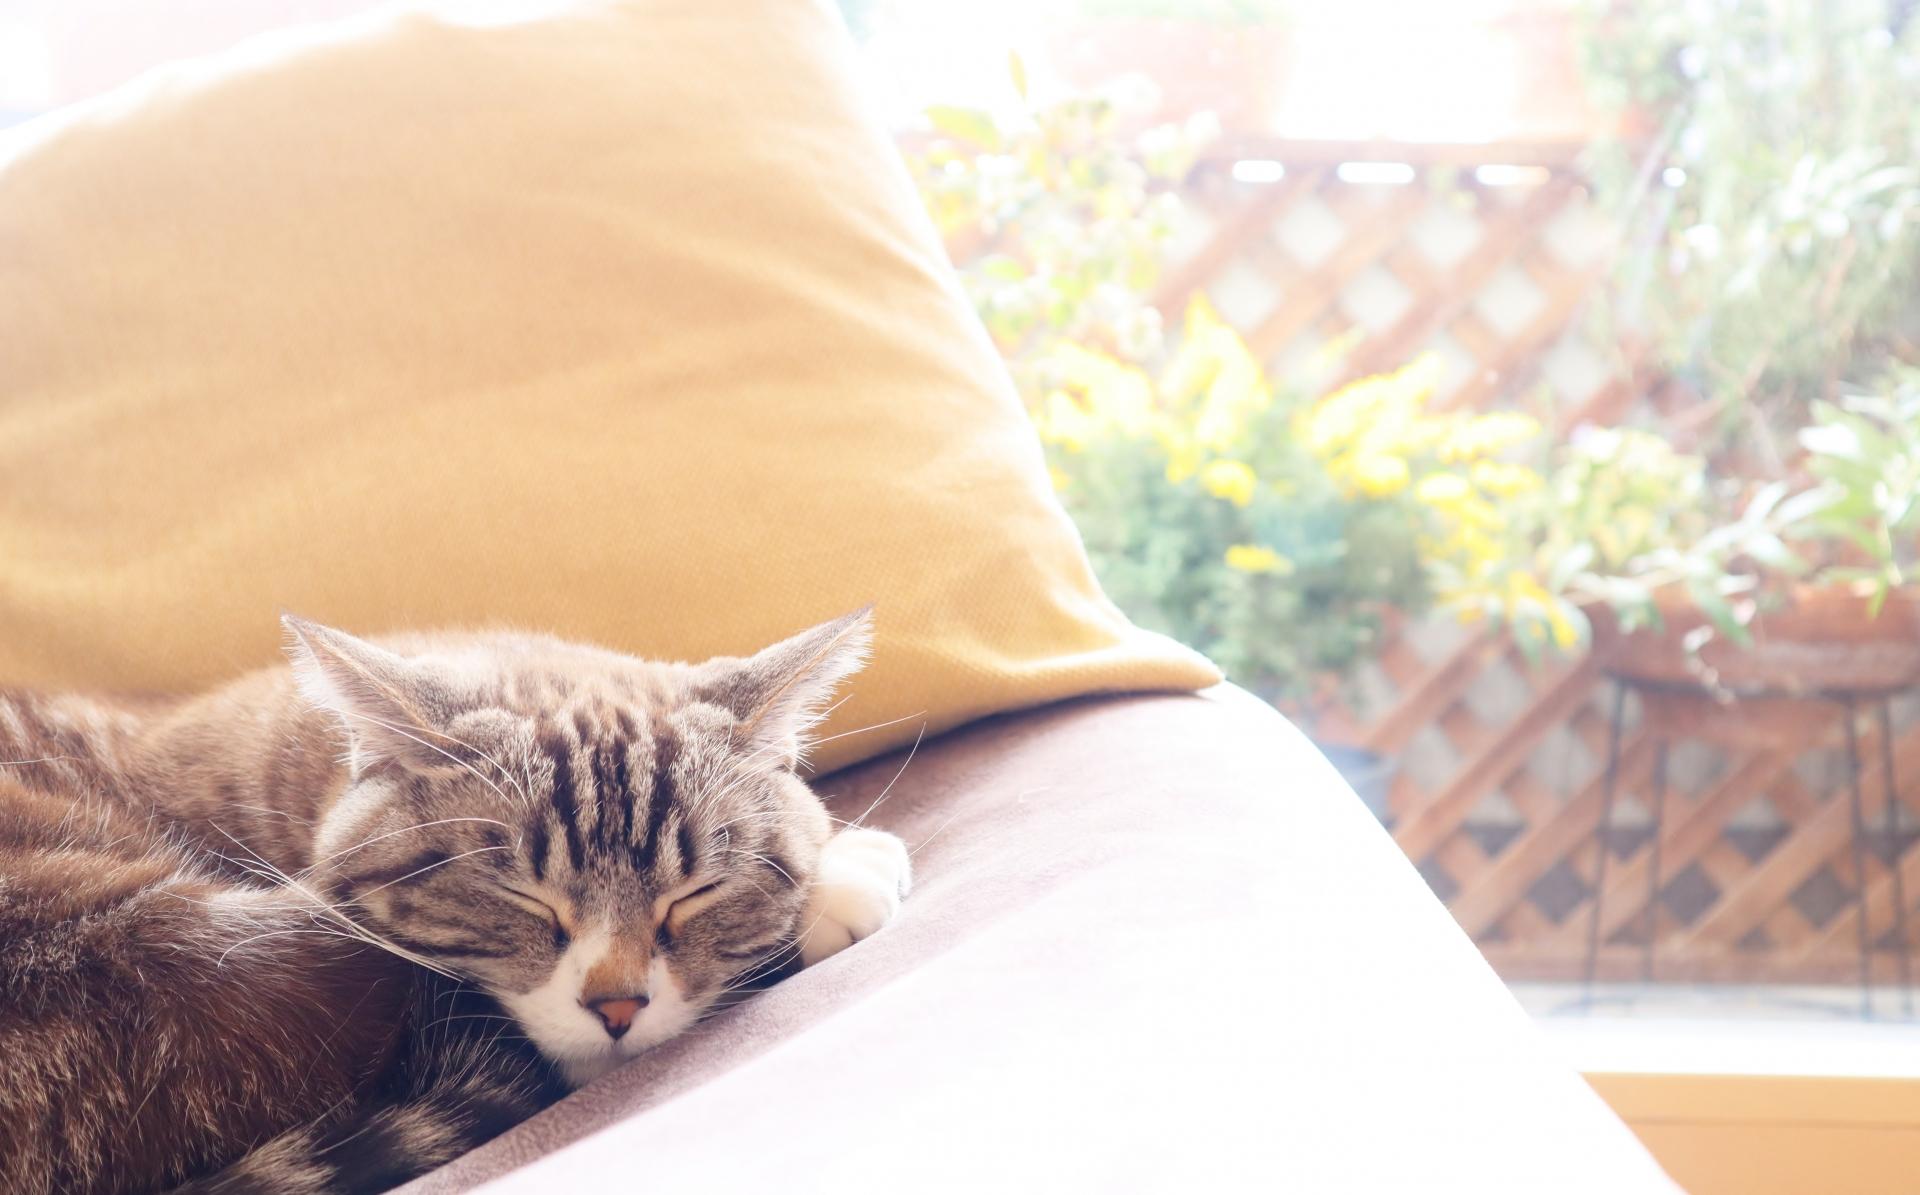 睡眠がメンタルヘルスに及ぼす影響とは?